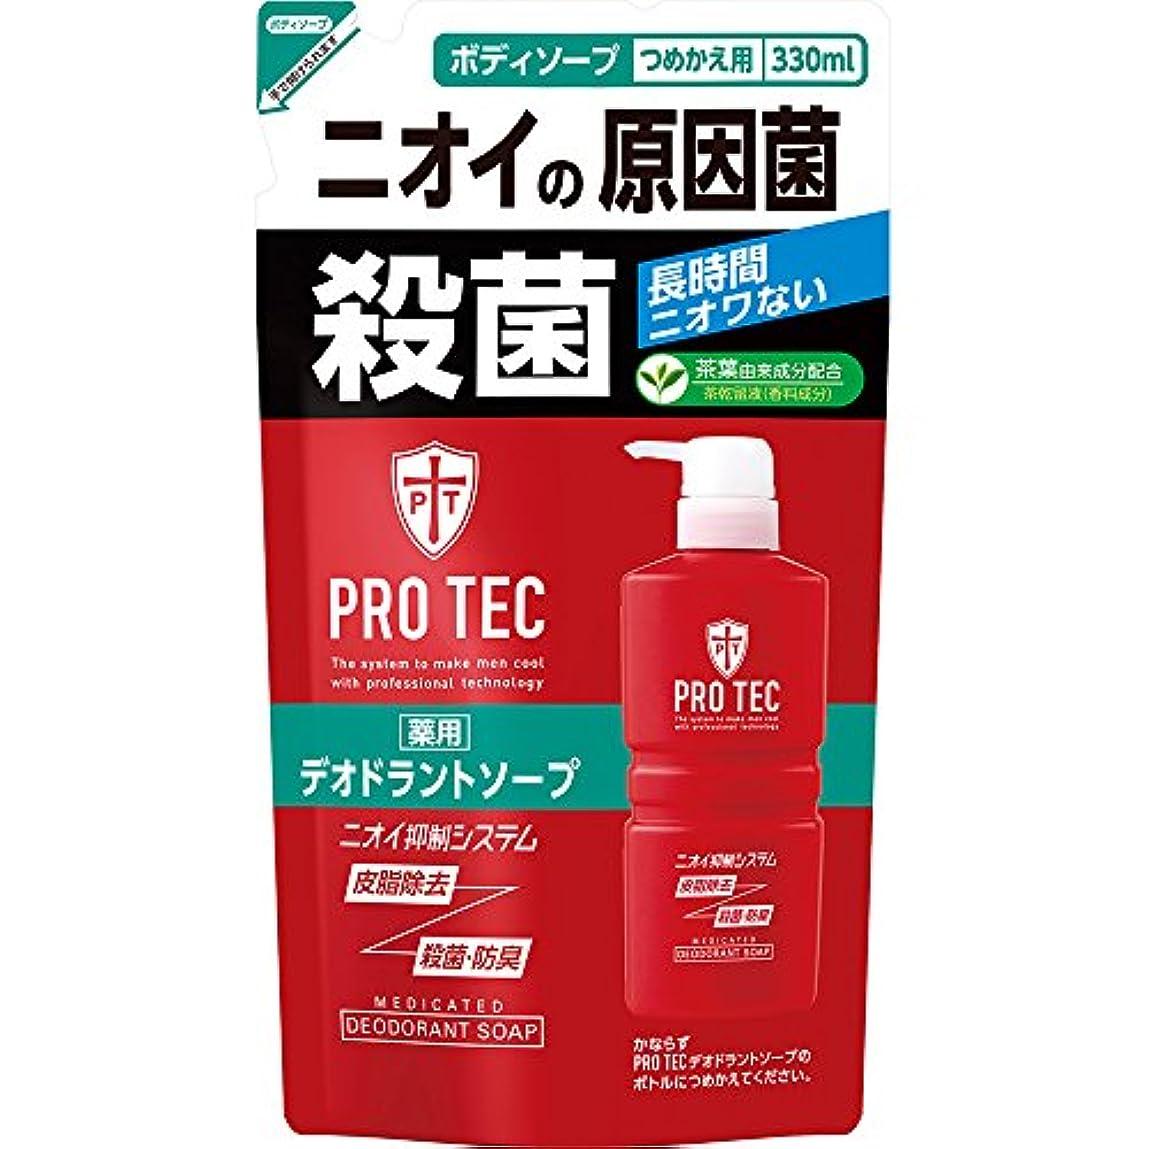 照らすスキムモルヒネPRO TEC(プロテク) デオドラントソープ 詰め替え 330ml(医薬部外品)